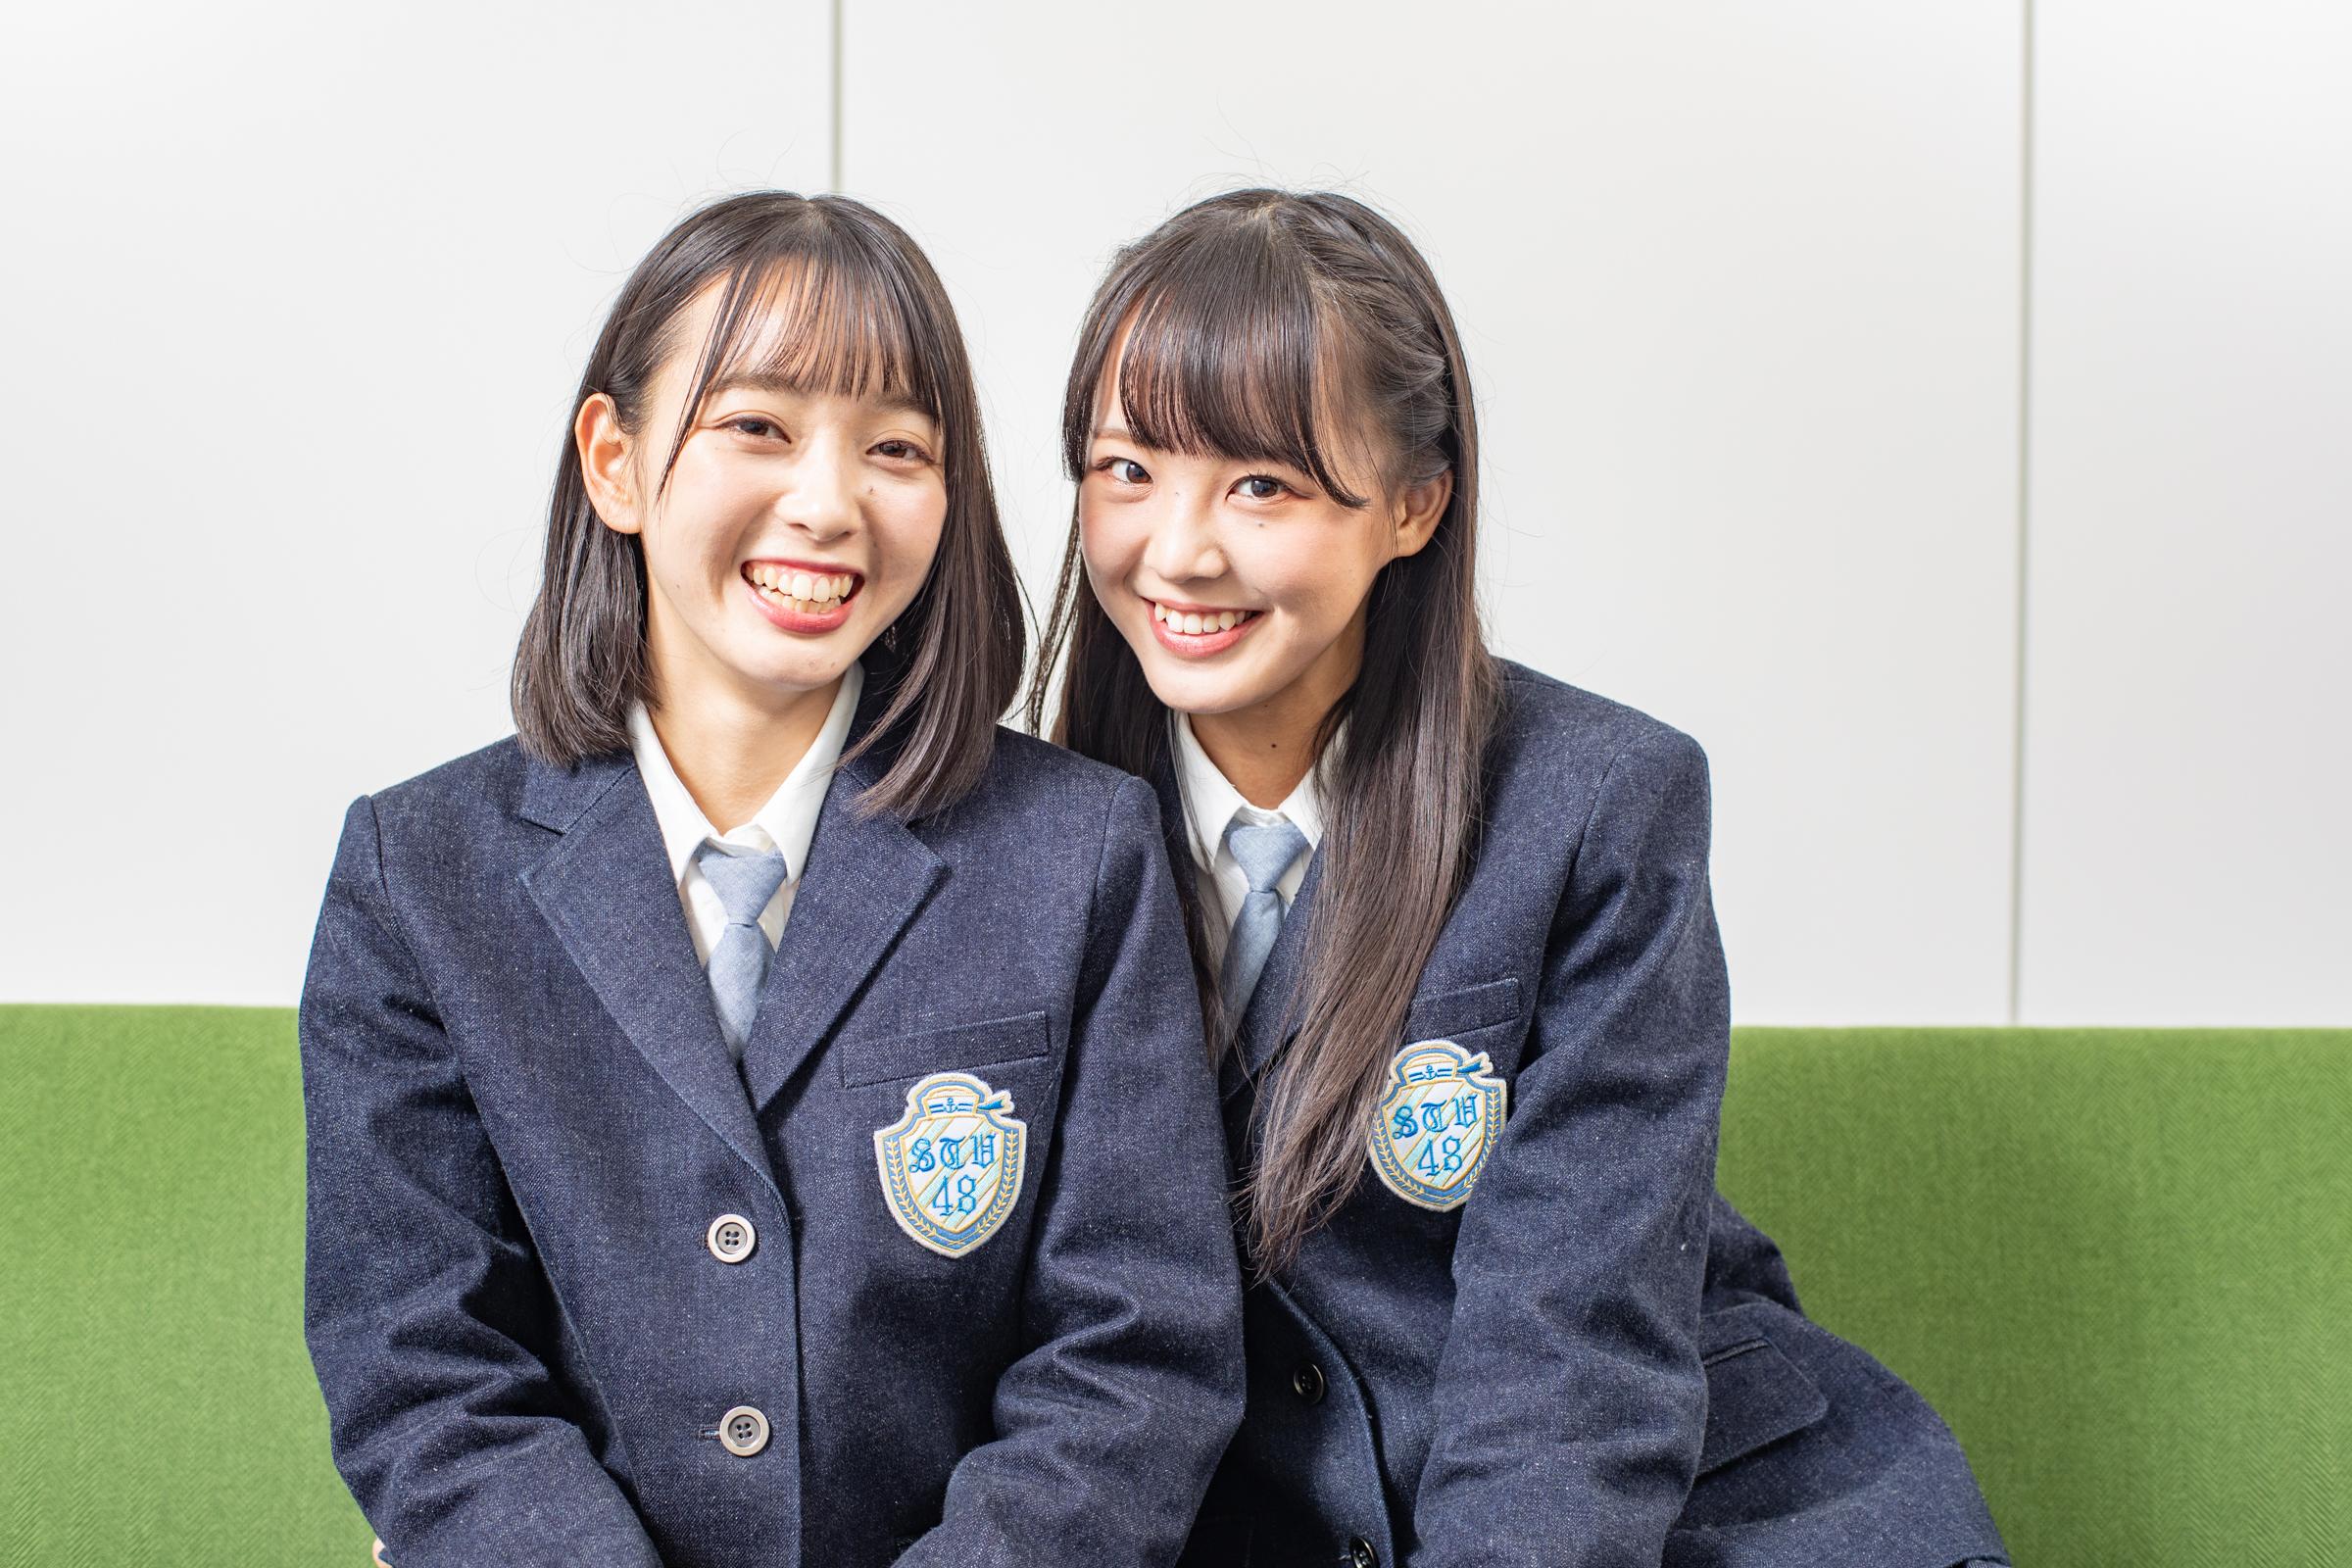 インタビューに応じた石田みなみ(左)と福田朱里【写真:山口正人】